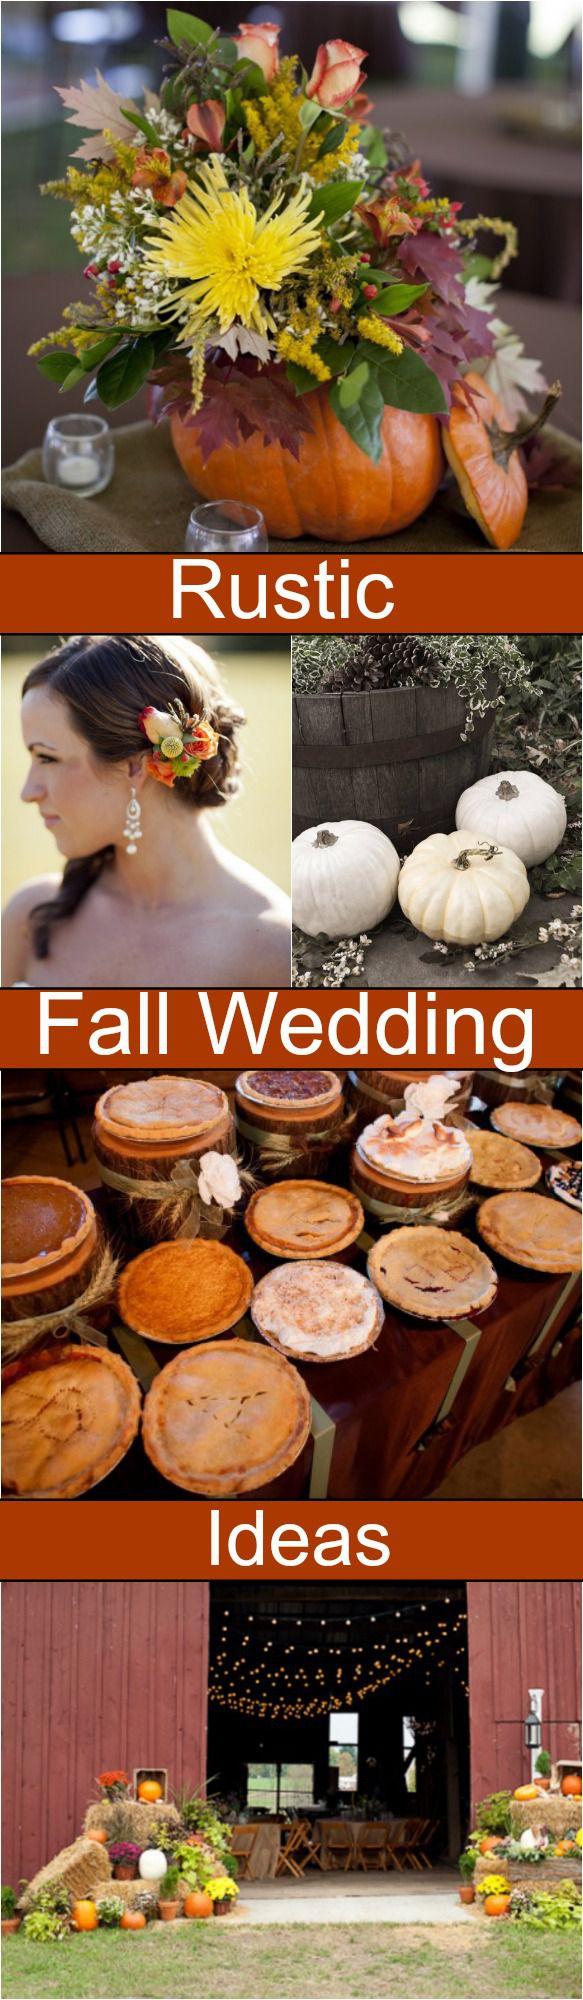 Fall Wedding Ideas For A Rustic Wedding - Rustic Wedding Chic